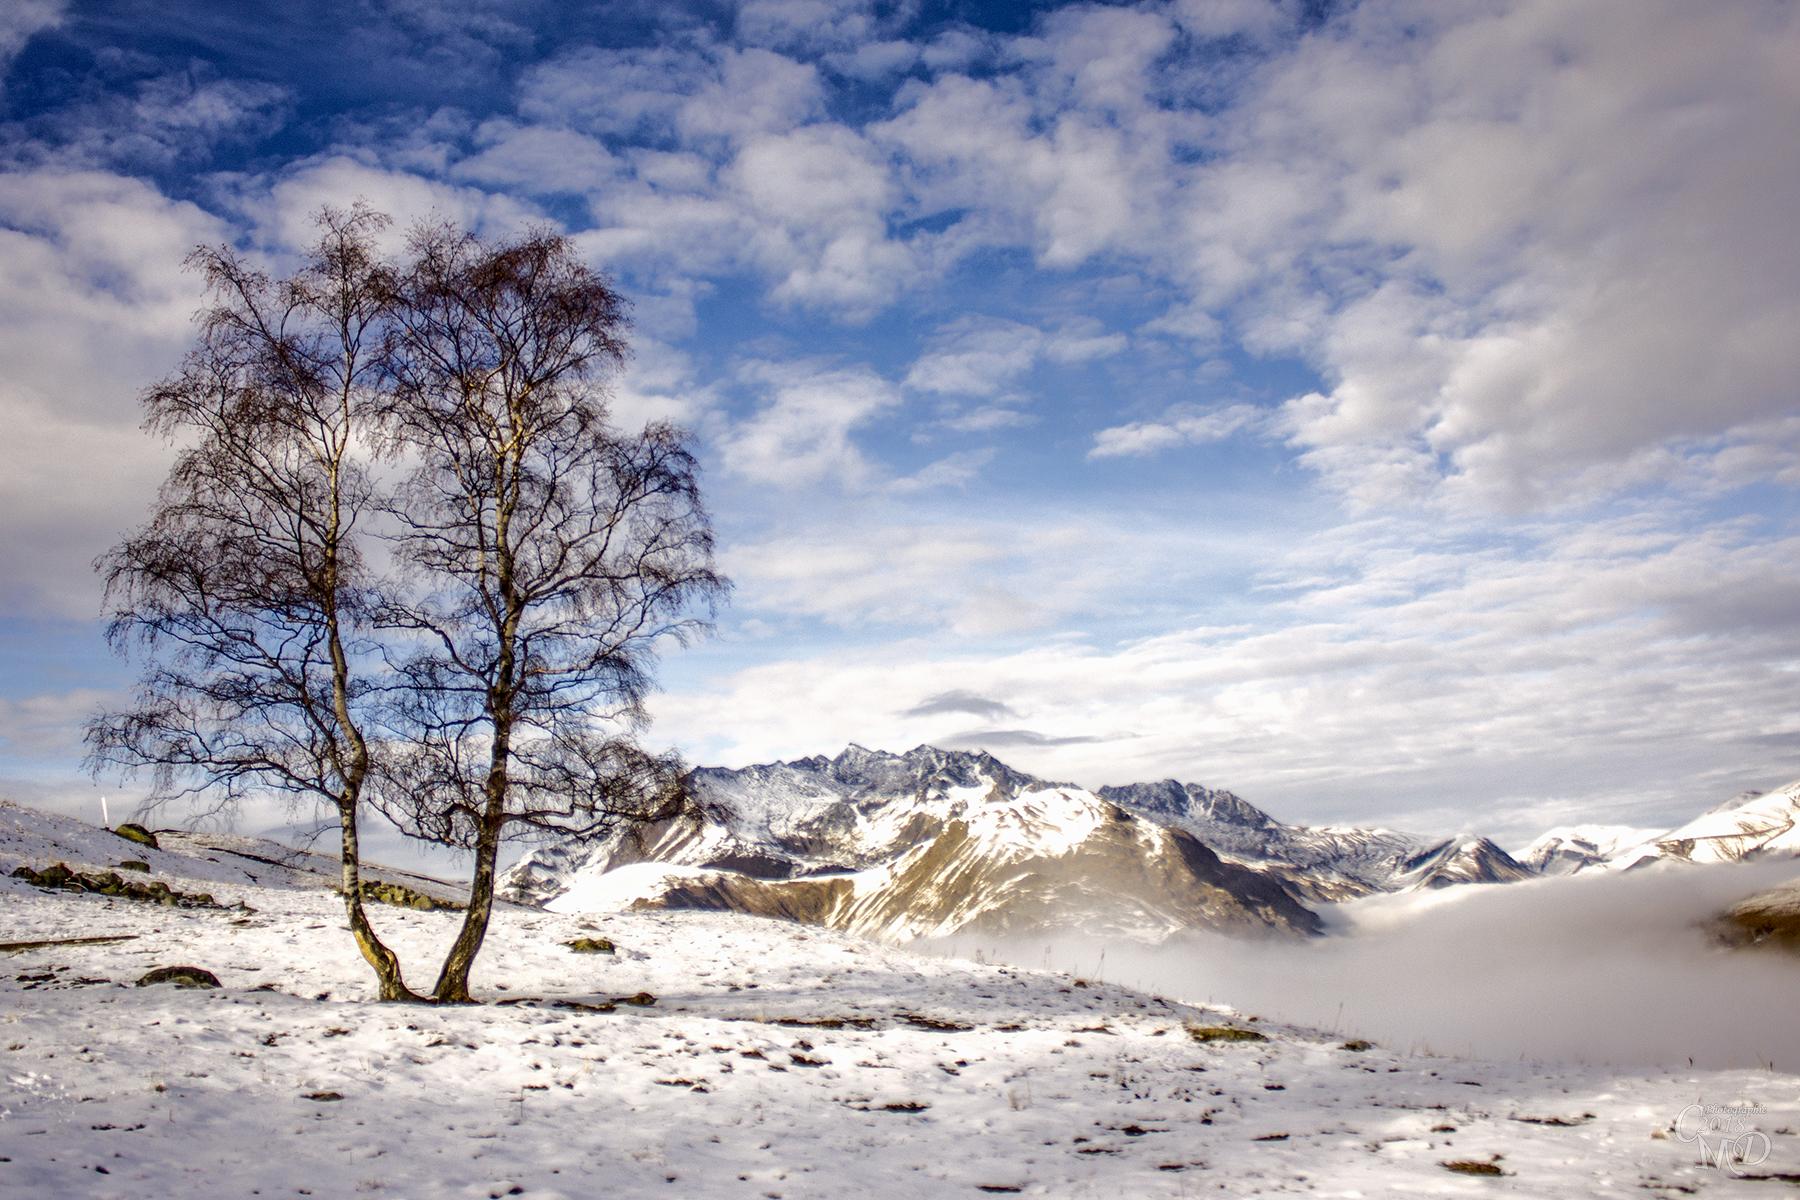 Automnale, Les Deux Alpes